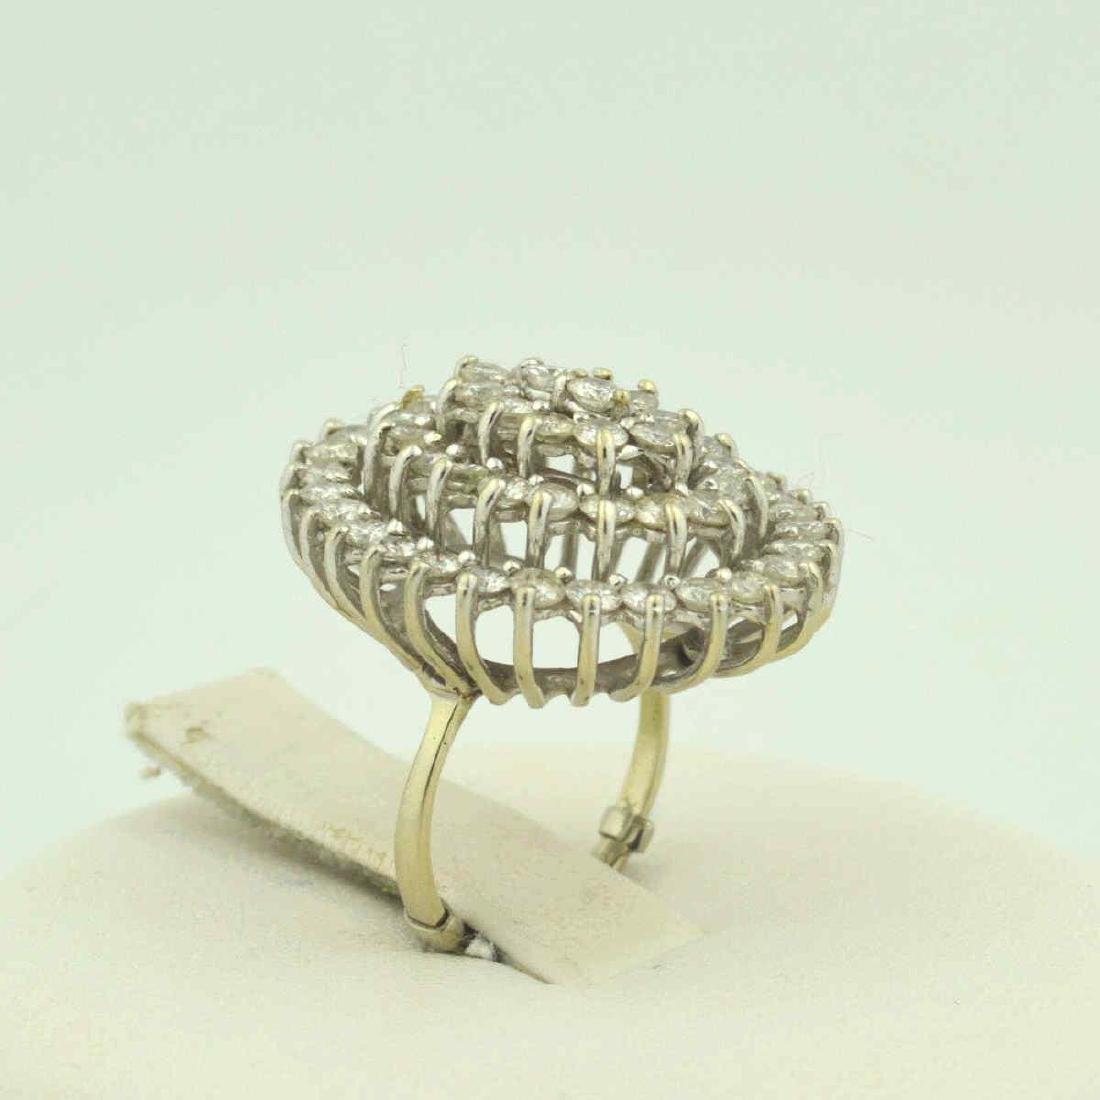 14kt white gold diamond cocktail ring - 5